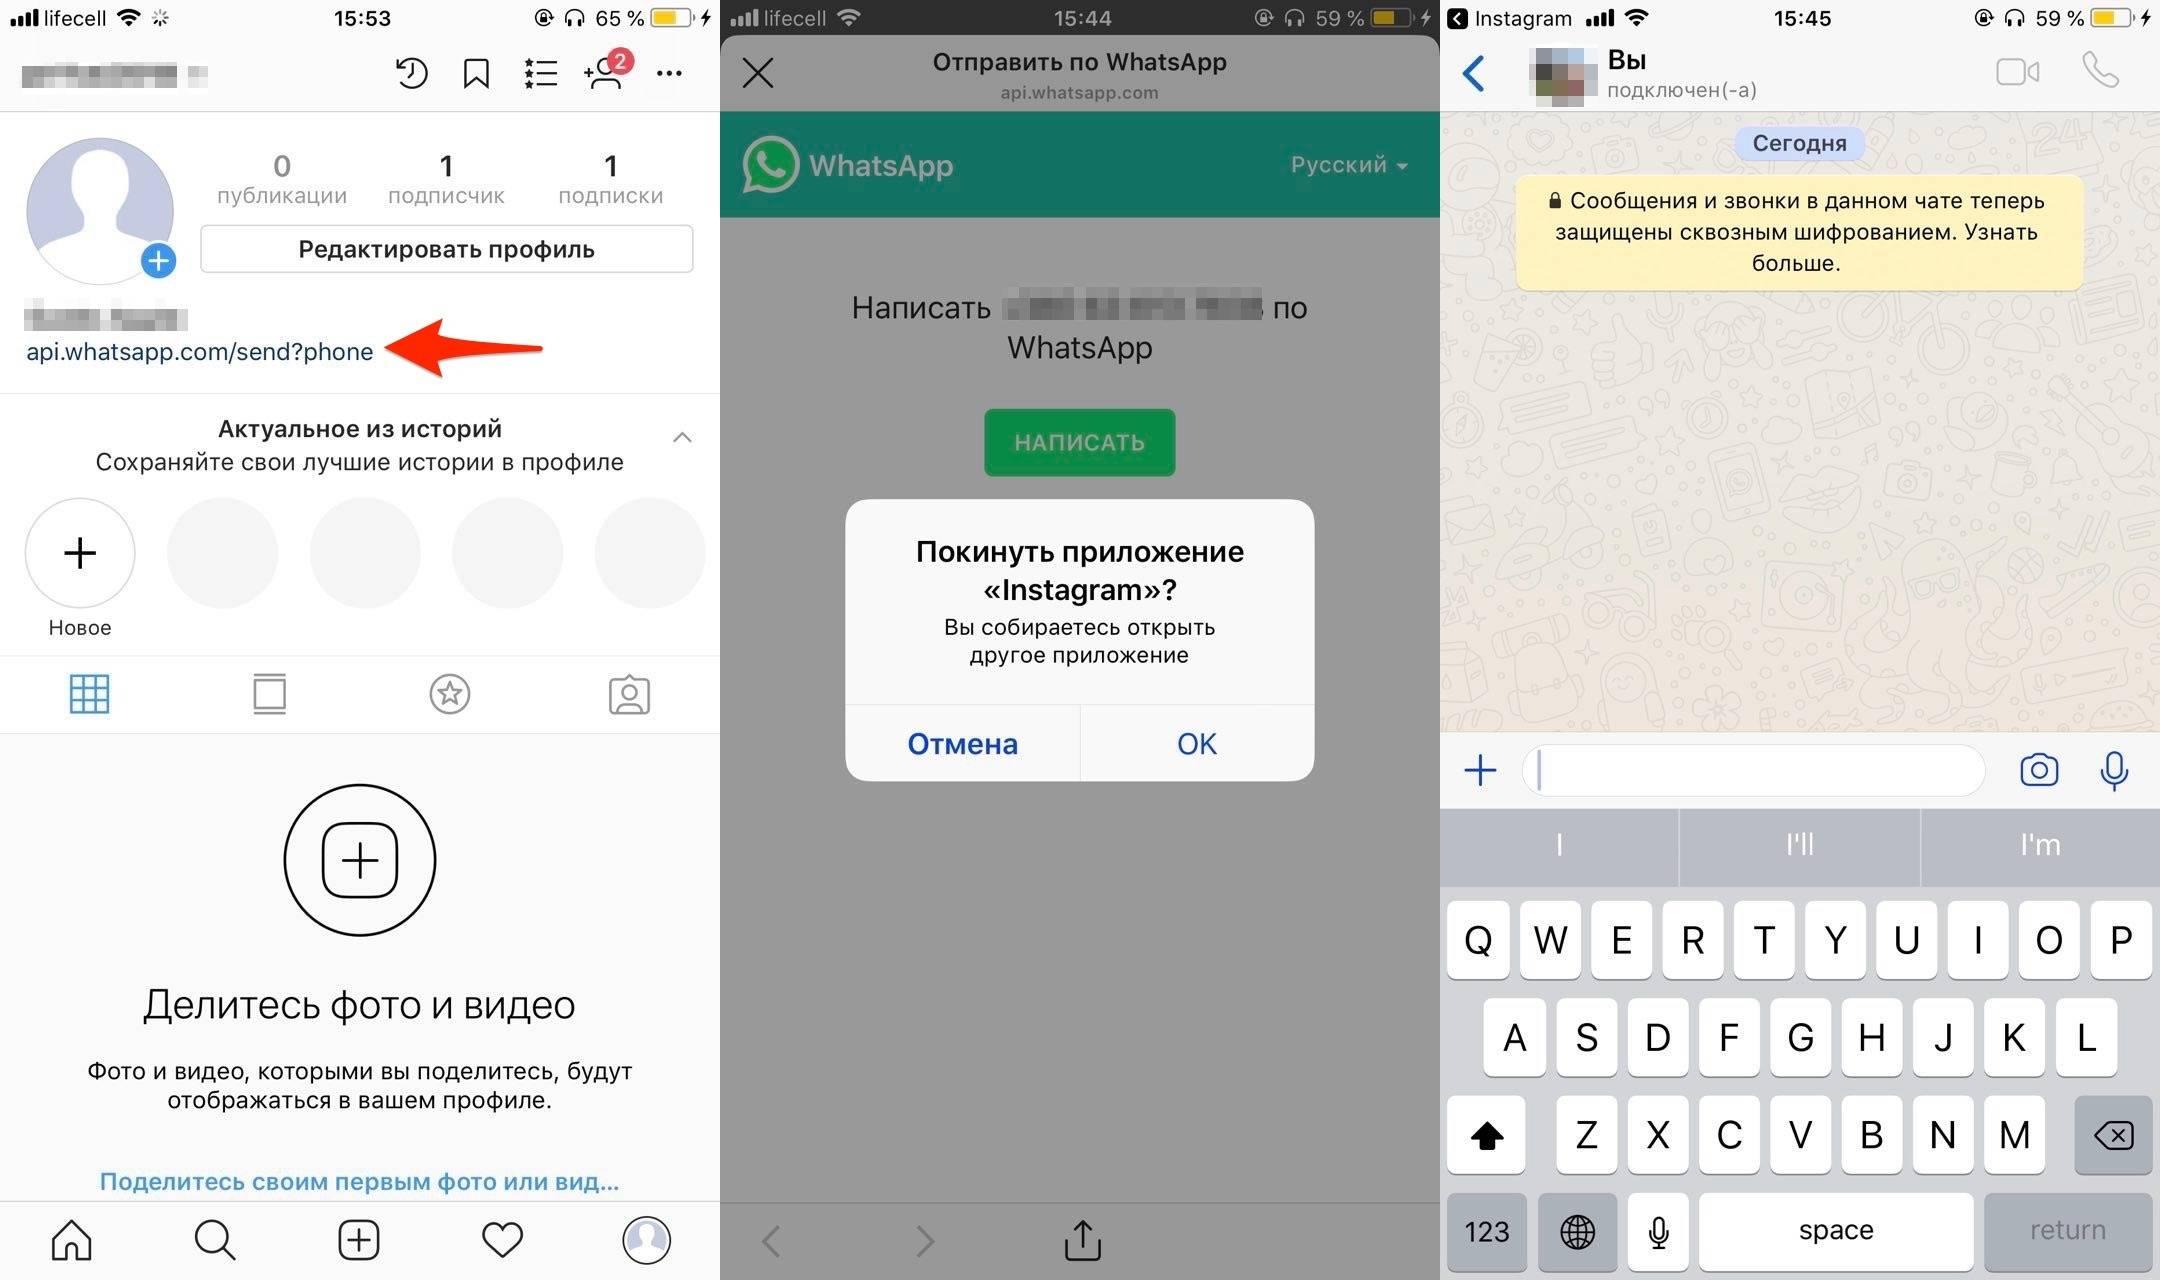 Как отправить длинное видео в whatsapp полностью: способы